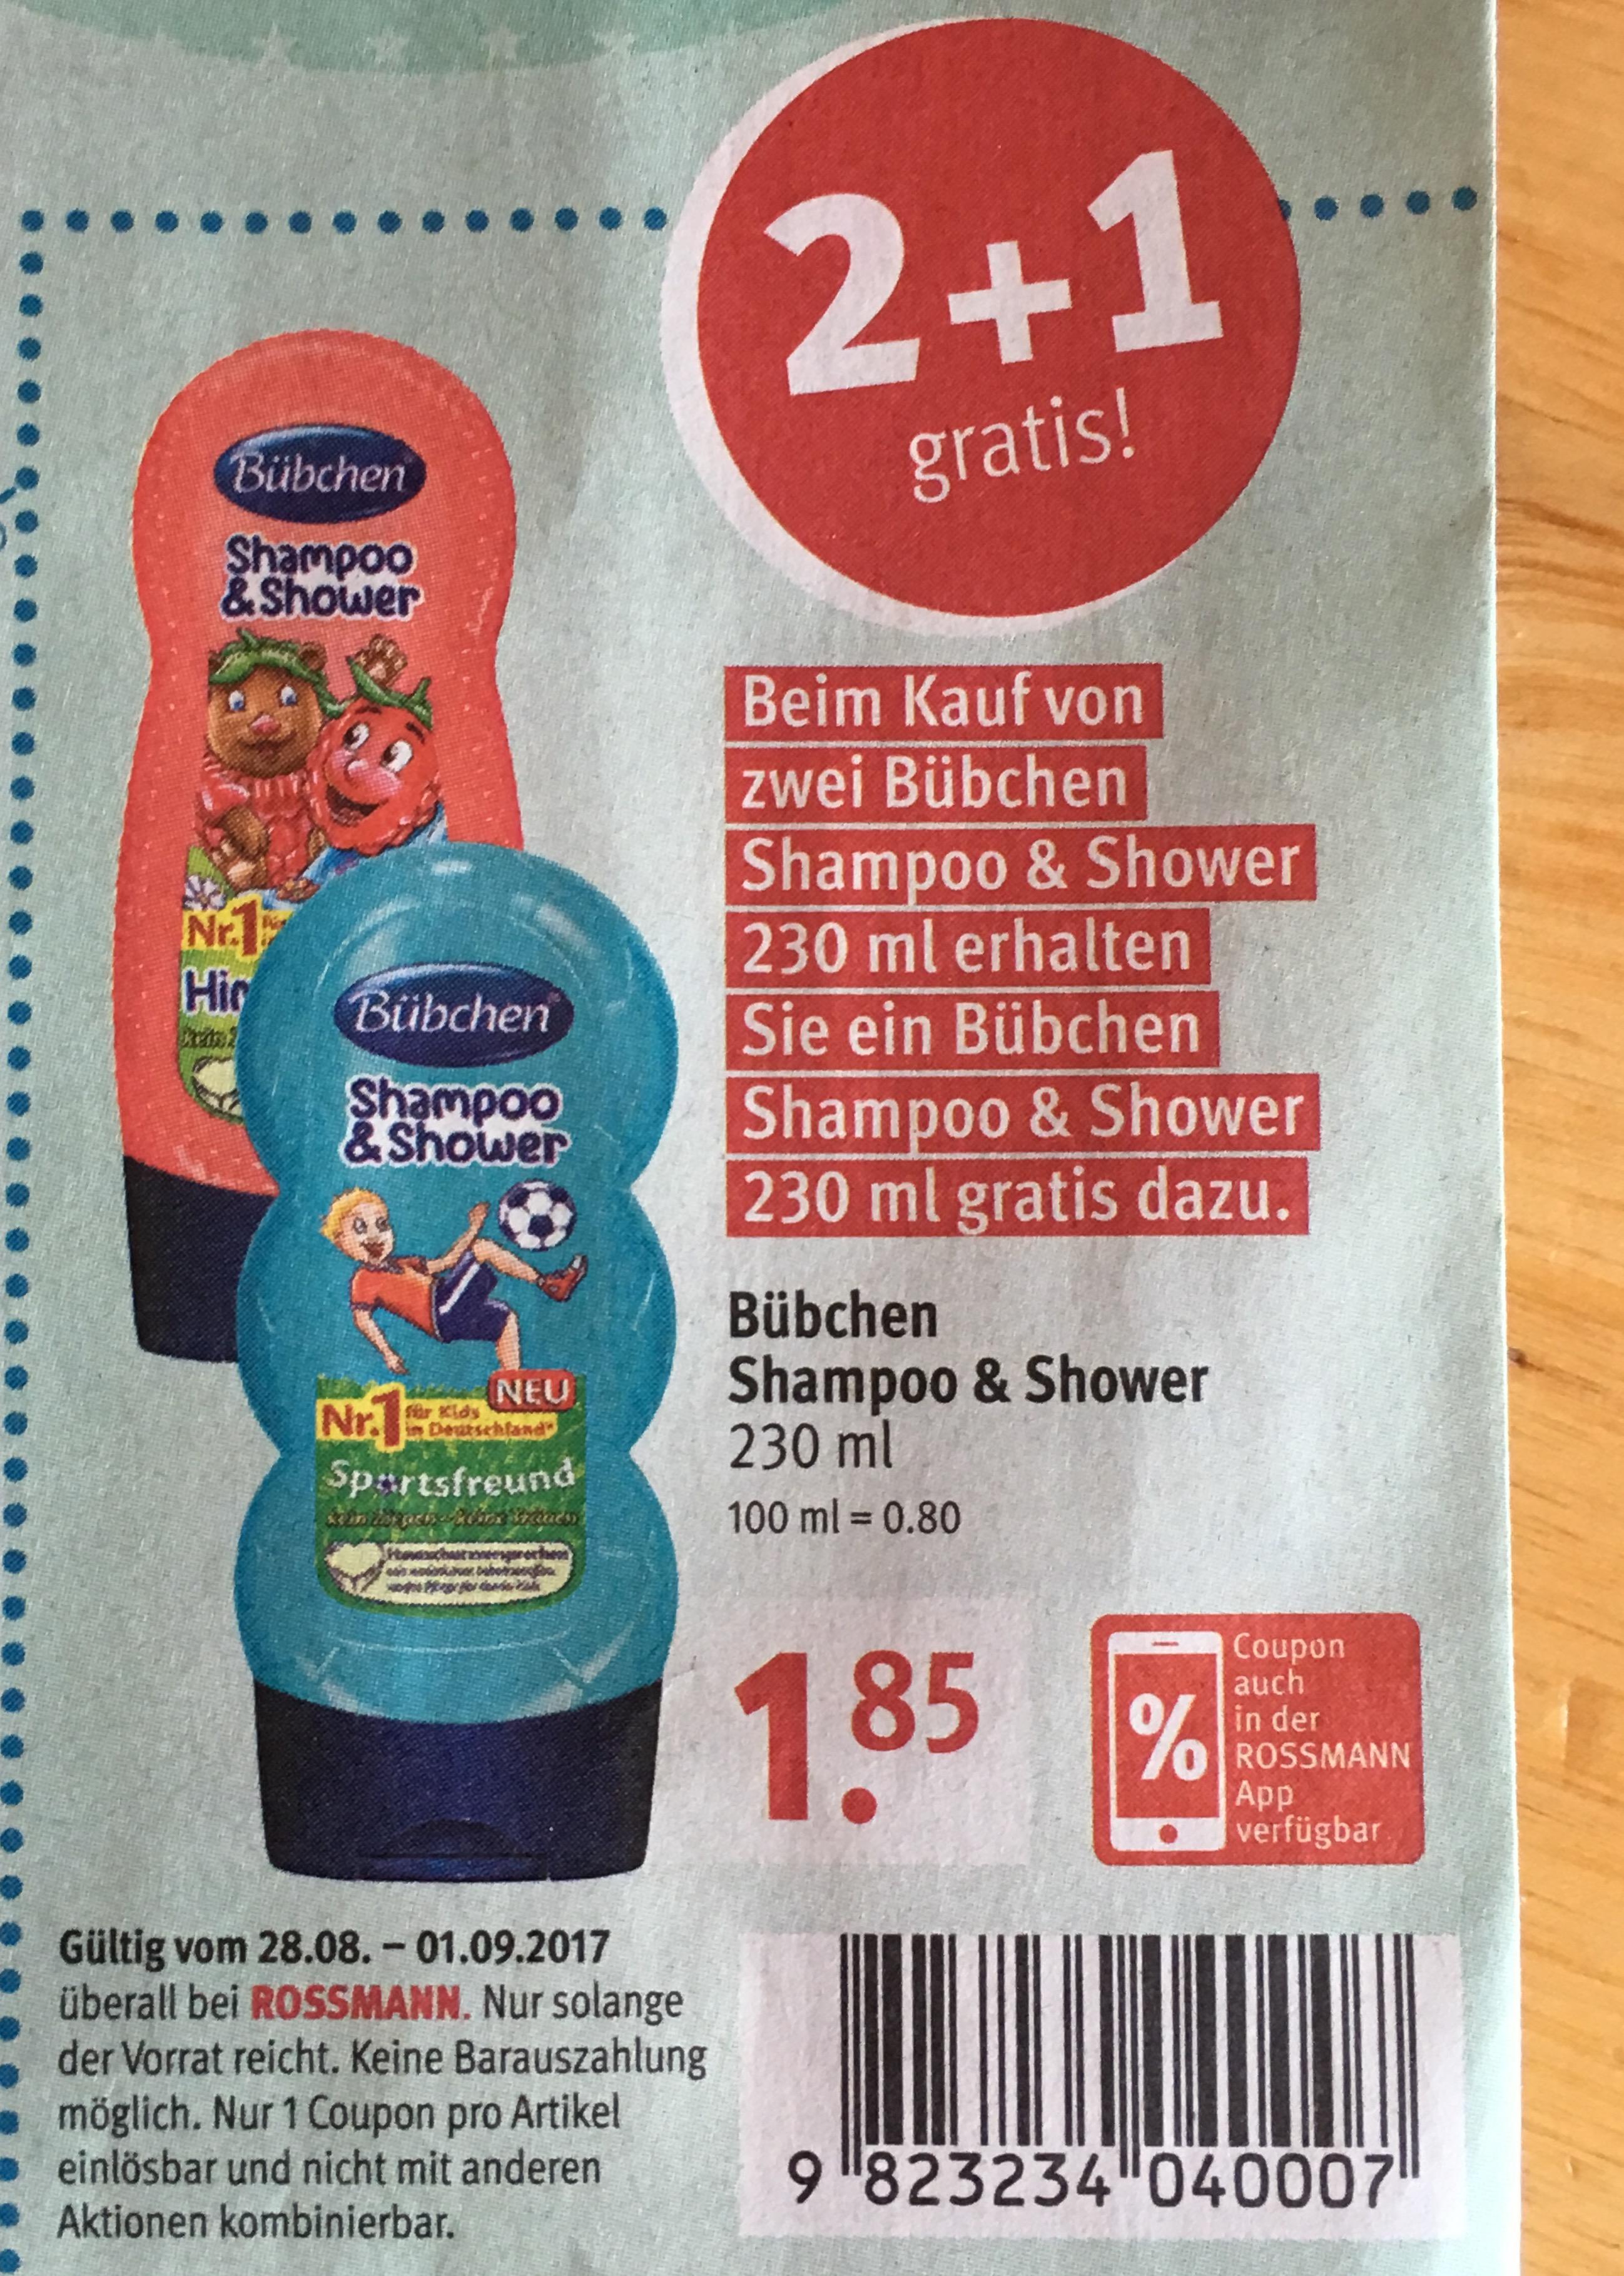 Bübchen 2 + 1 gratis bei Rossmann